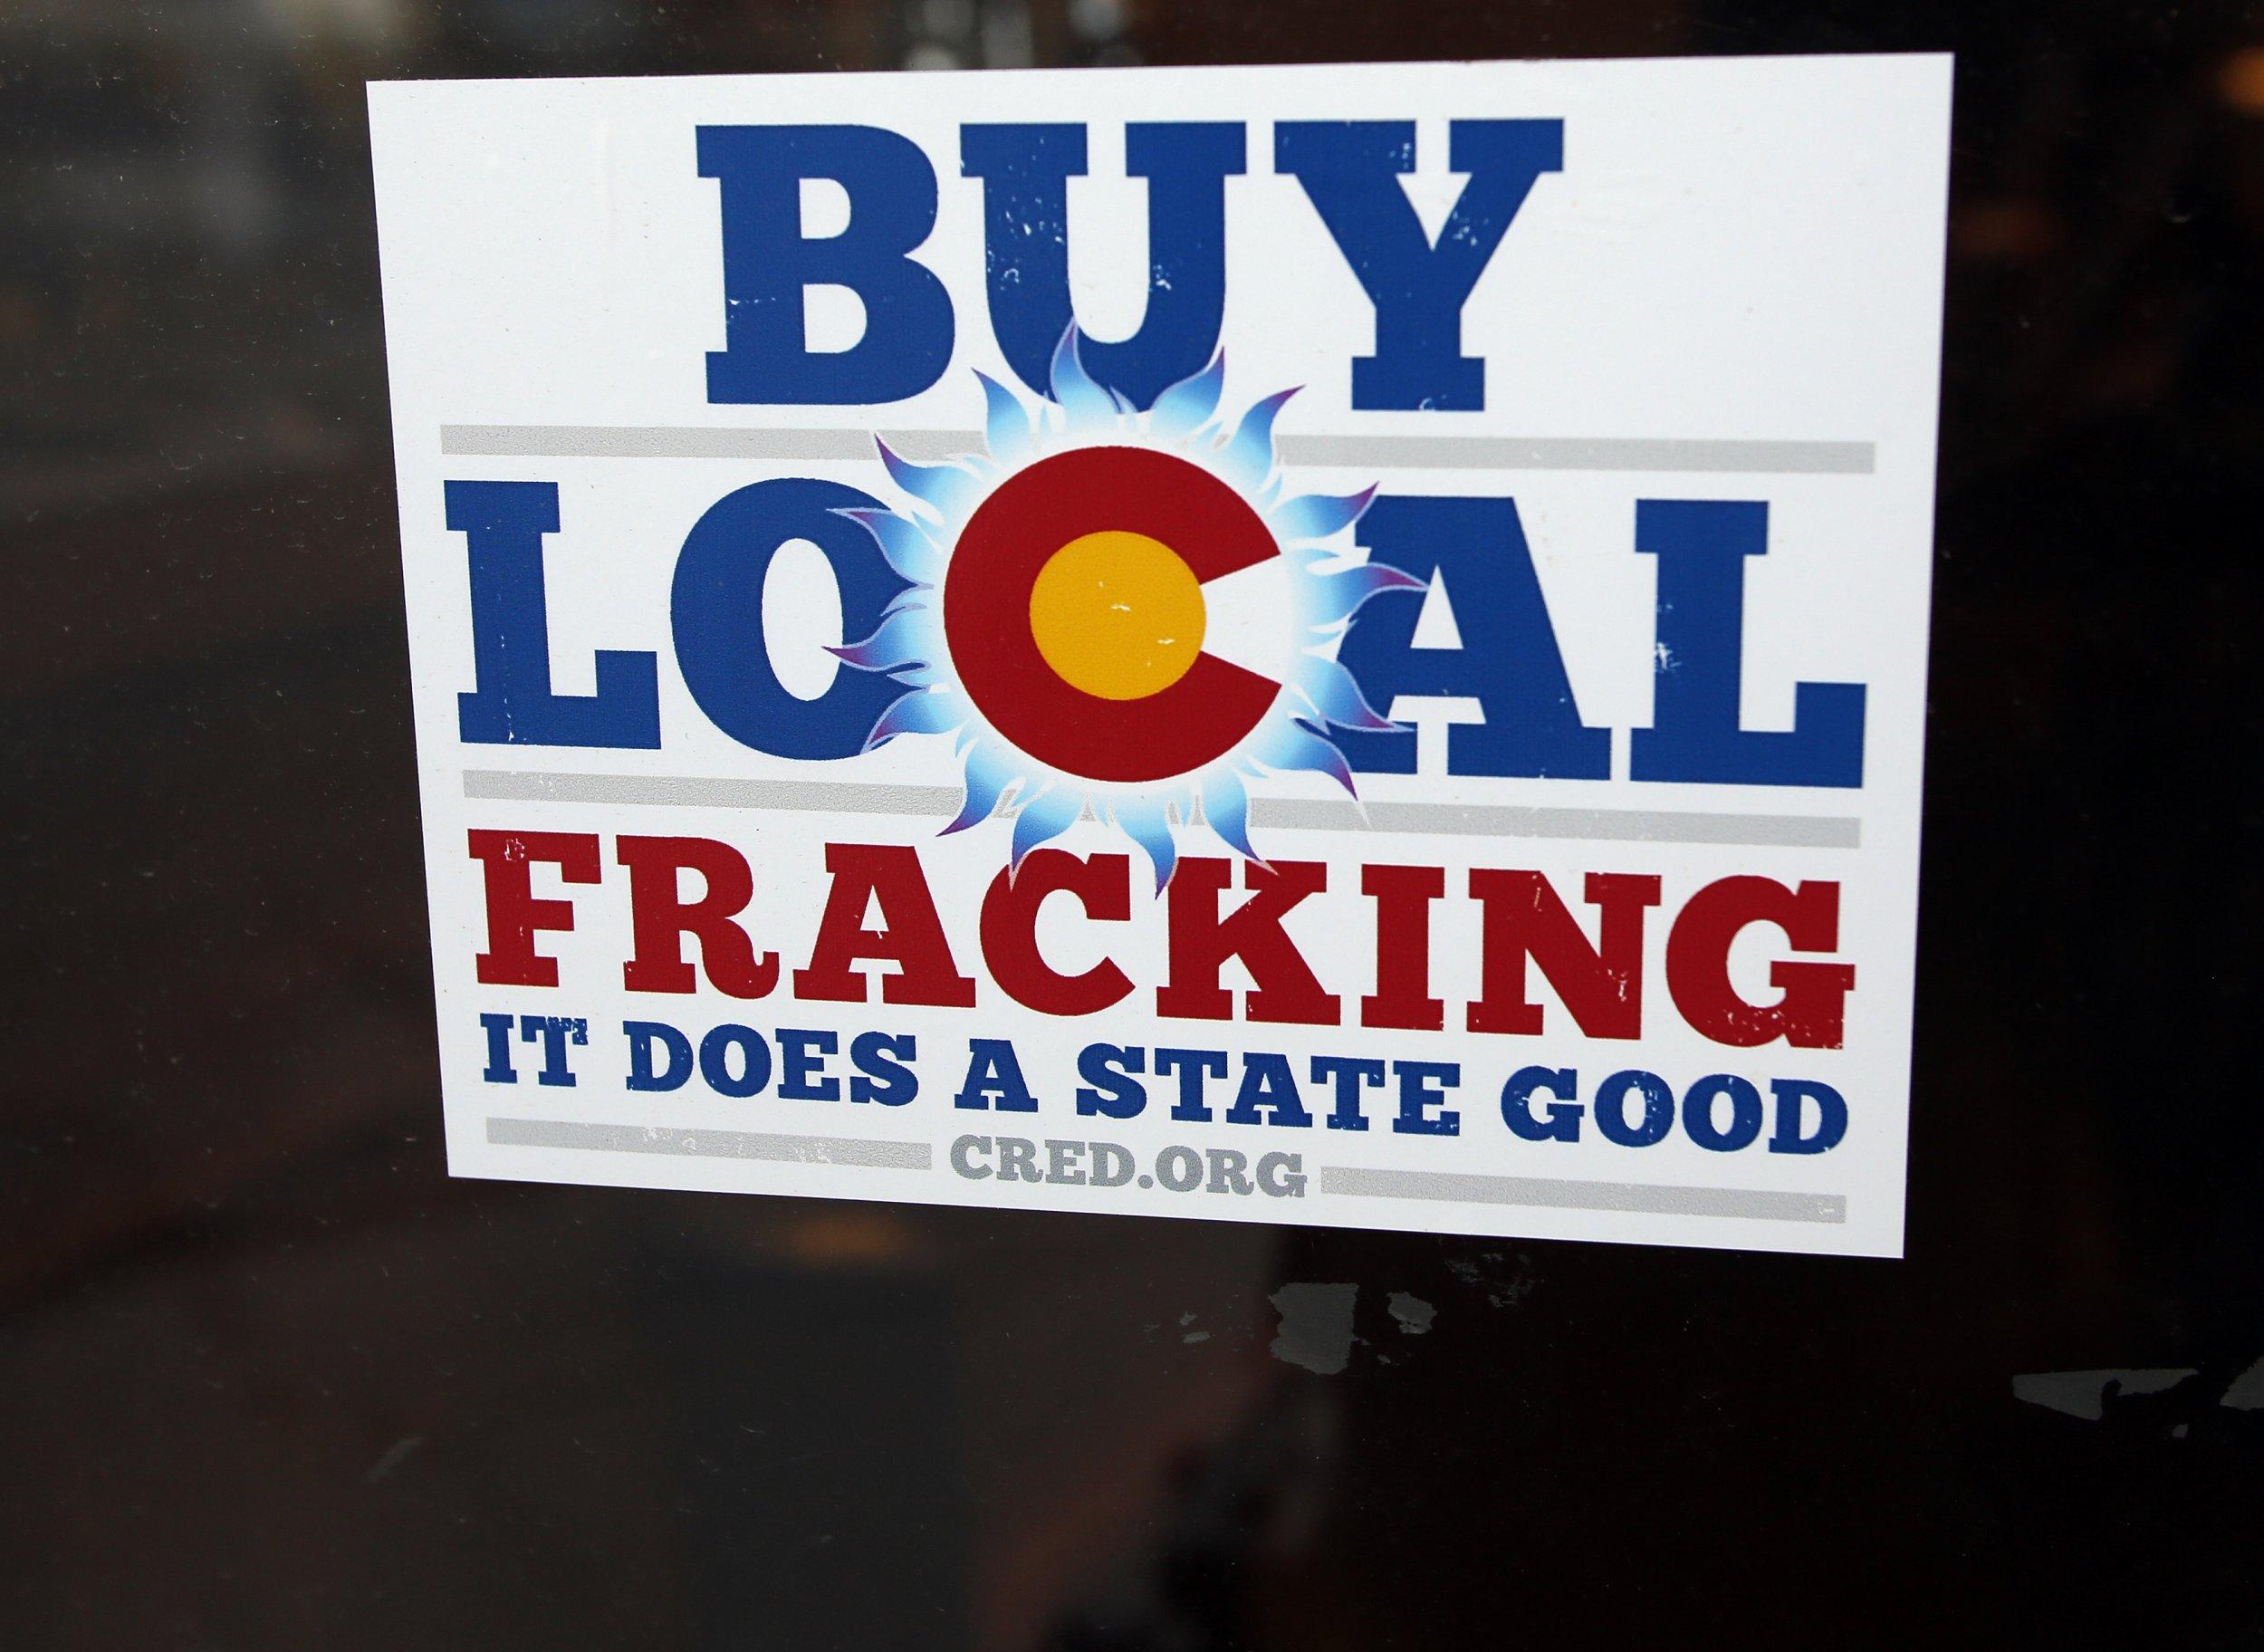 02_16_fracking_01